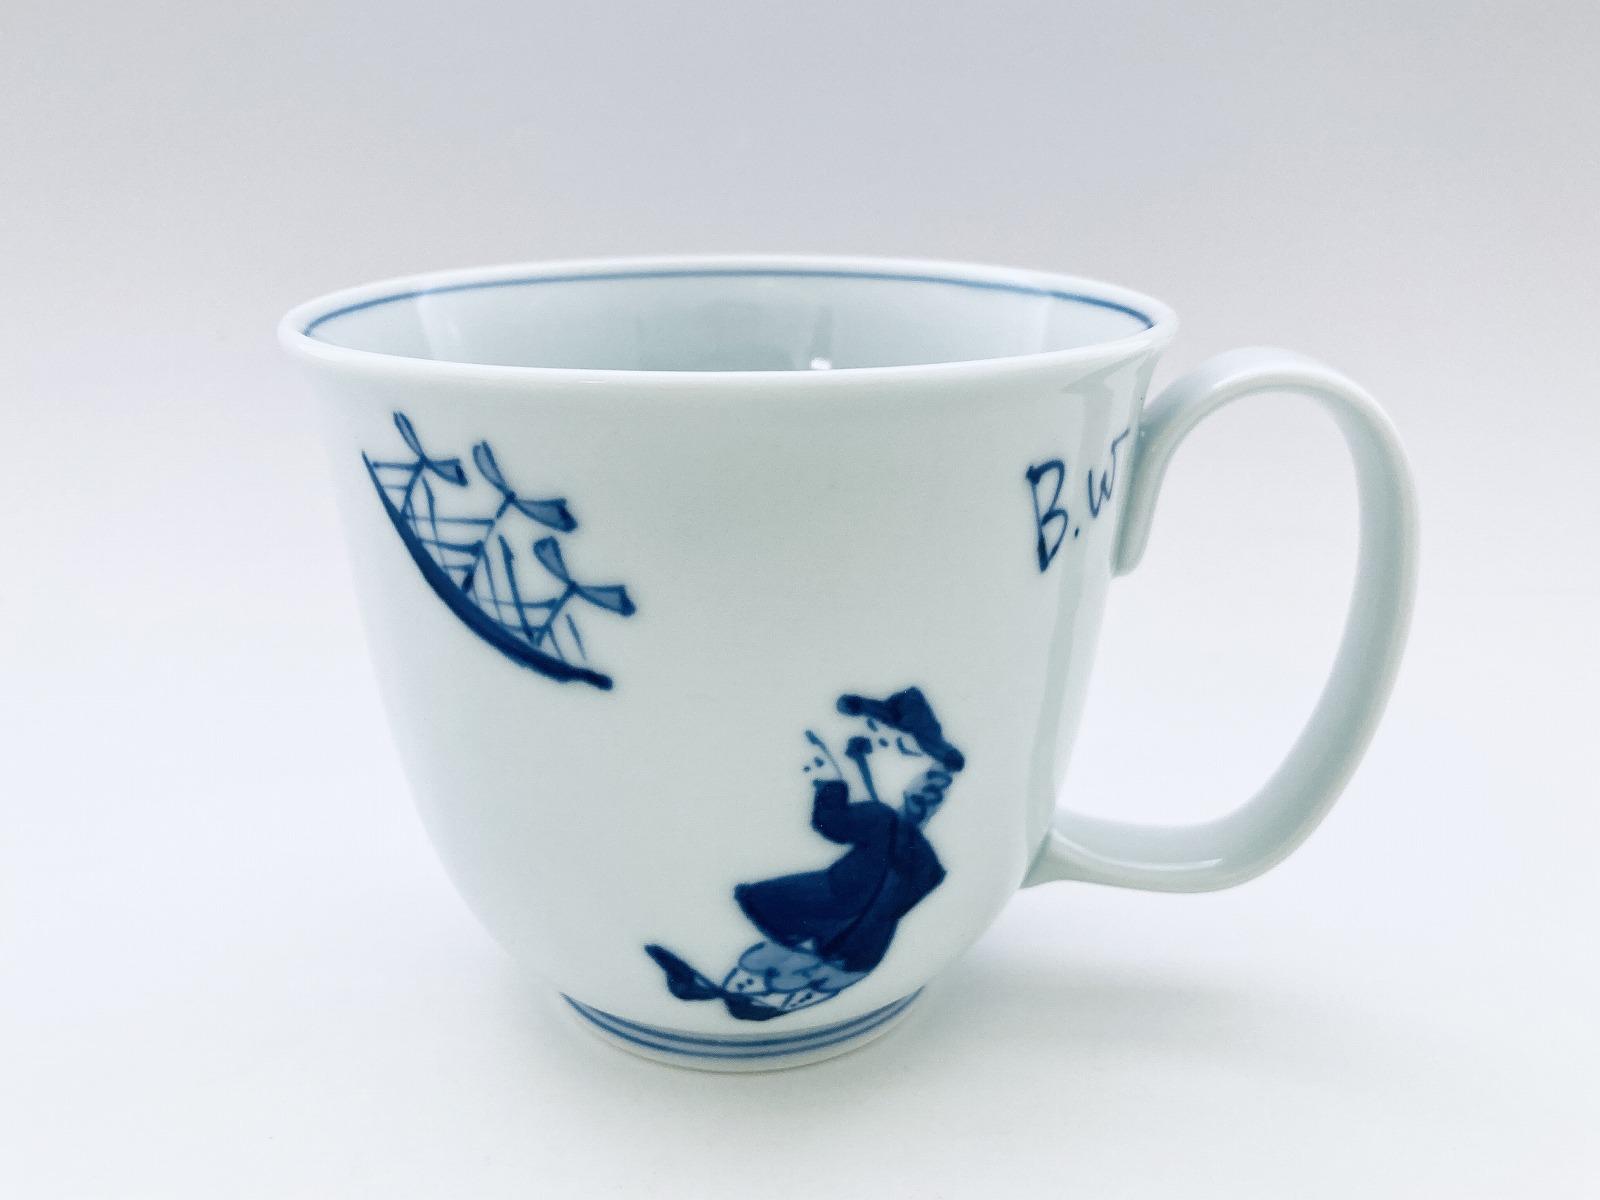 異人づくしフリーマグカップ(大)しん窯青花